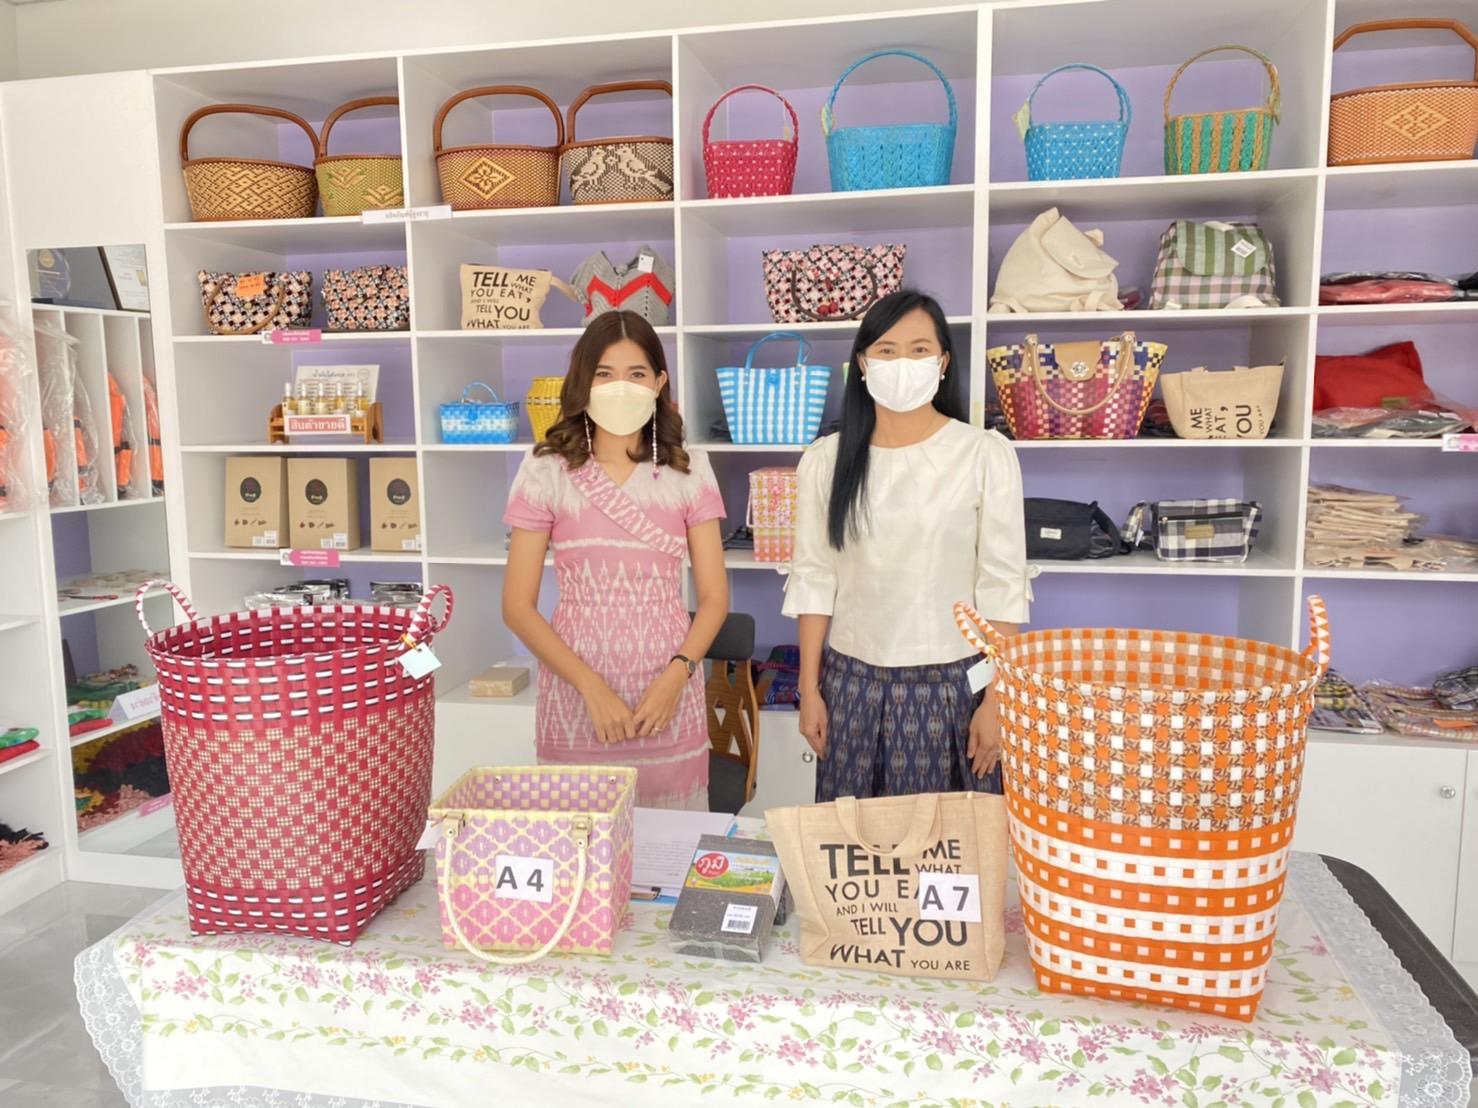 Live สด : ศูนย์แสดงและจำหน่ายผลิตภัณฑ์กลุ่มผู้รับงานไปทำที่บ้านจังหวัดกาญจนบุรี